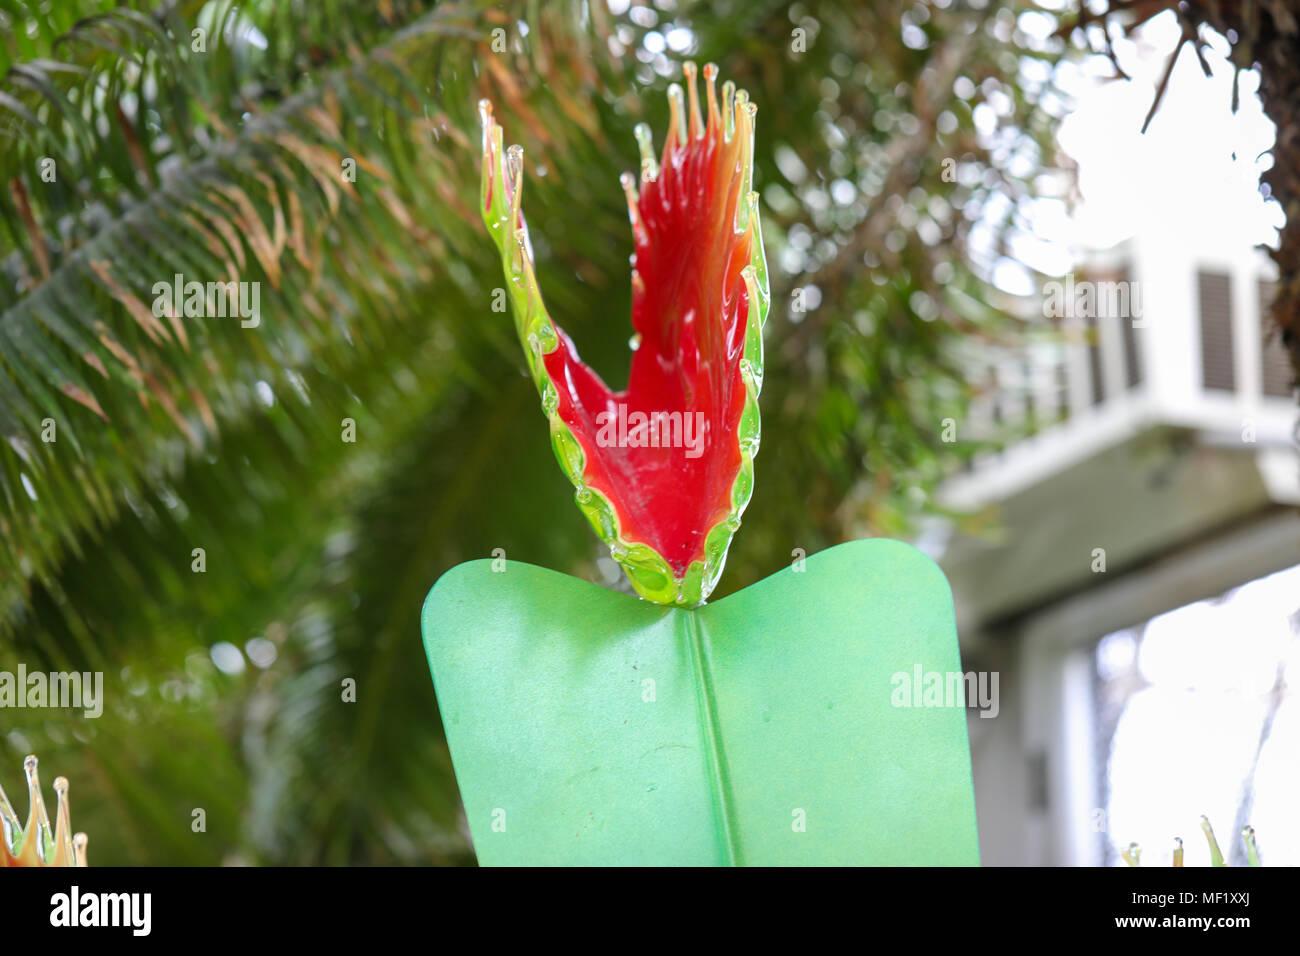 Schöner Größer Als Das Leben Buntes Glas Venus Trap Blumen Fliegen